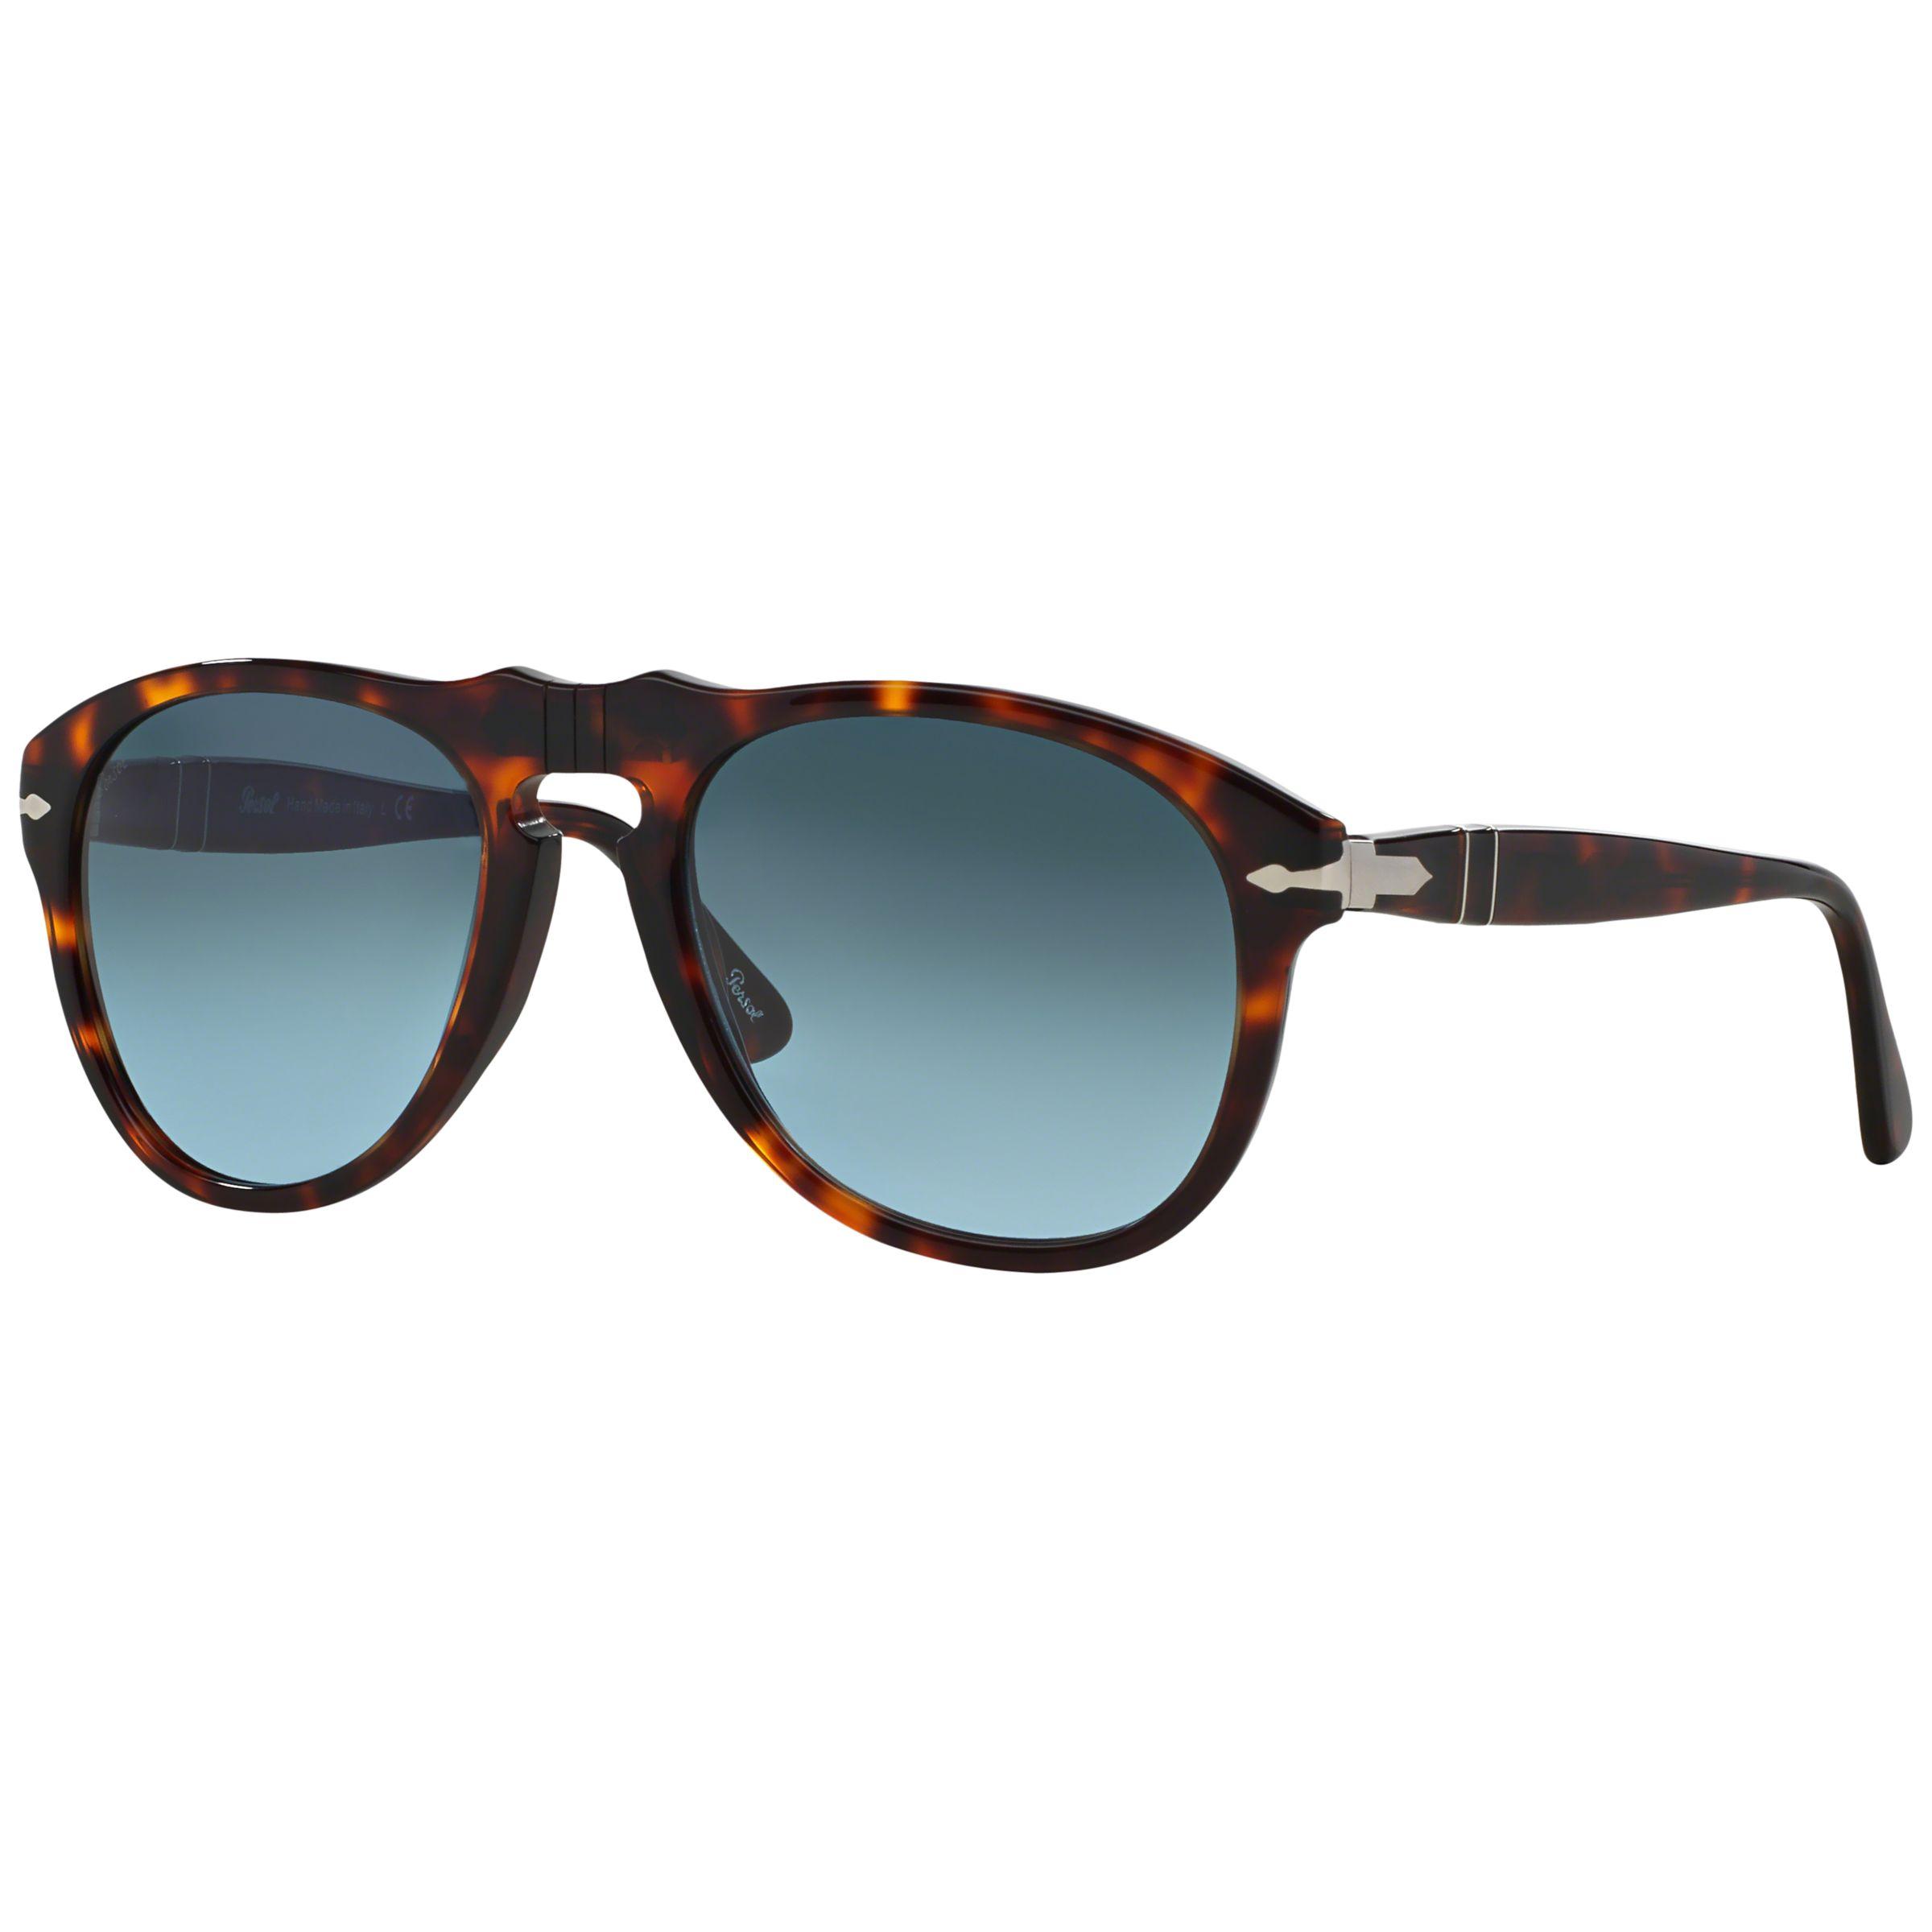 Persol Persol PO0649 Aviator Sunglasses